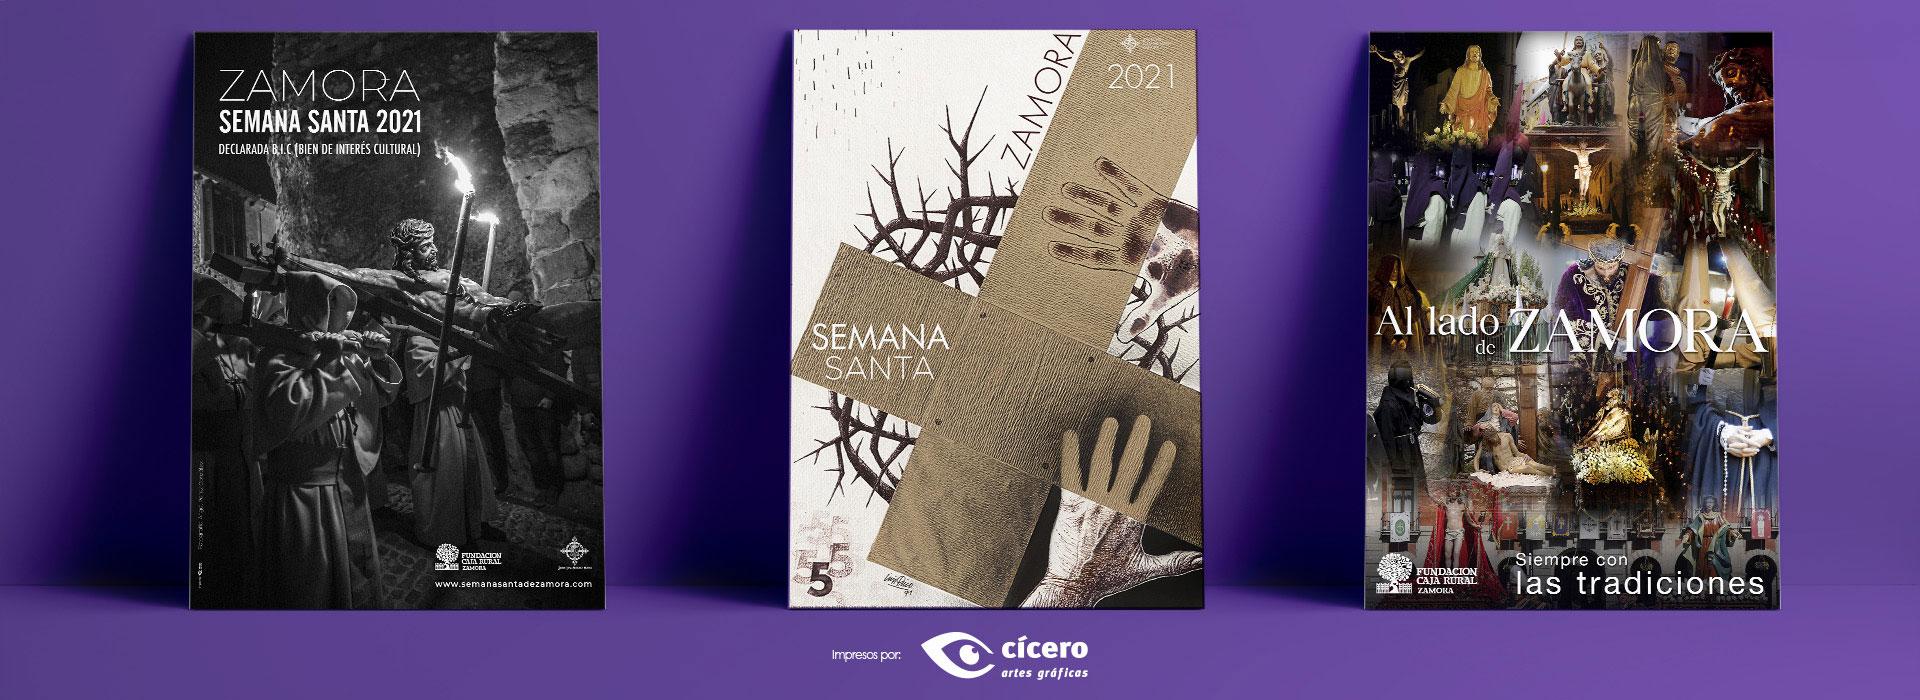 Carteles oficiales Semana Santa Zamora 2021 y carte de Fundación Caja Rural